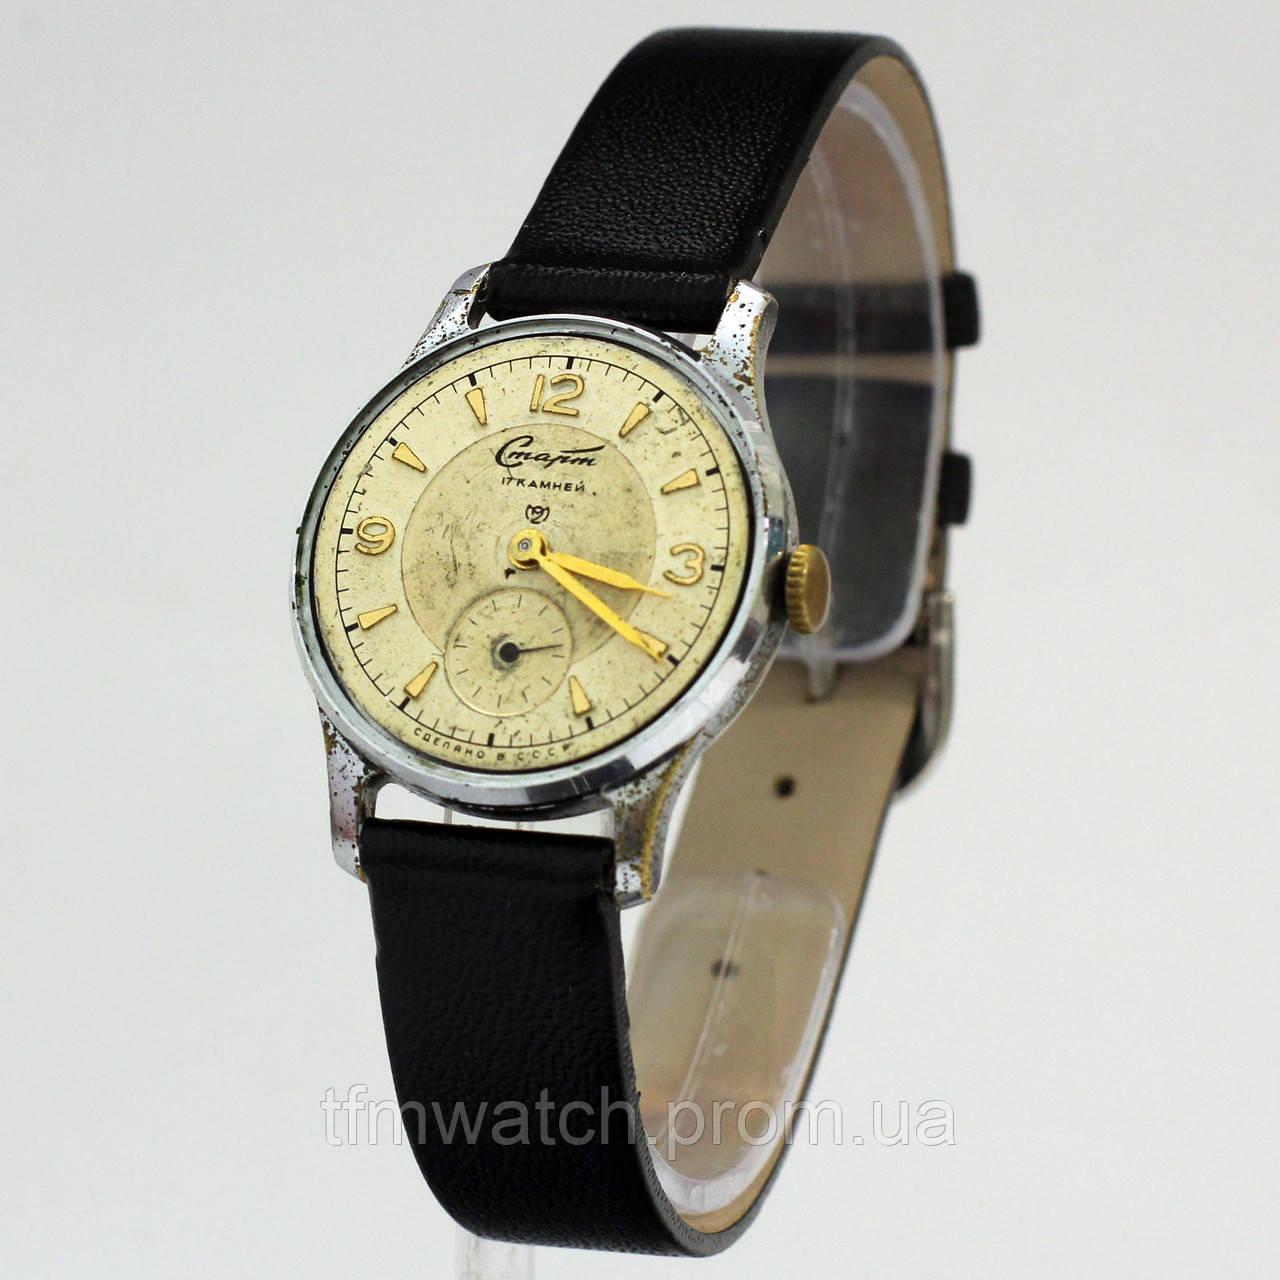 Советские мужские часы Старт